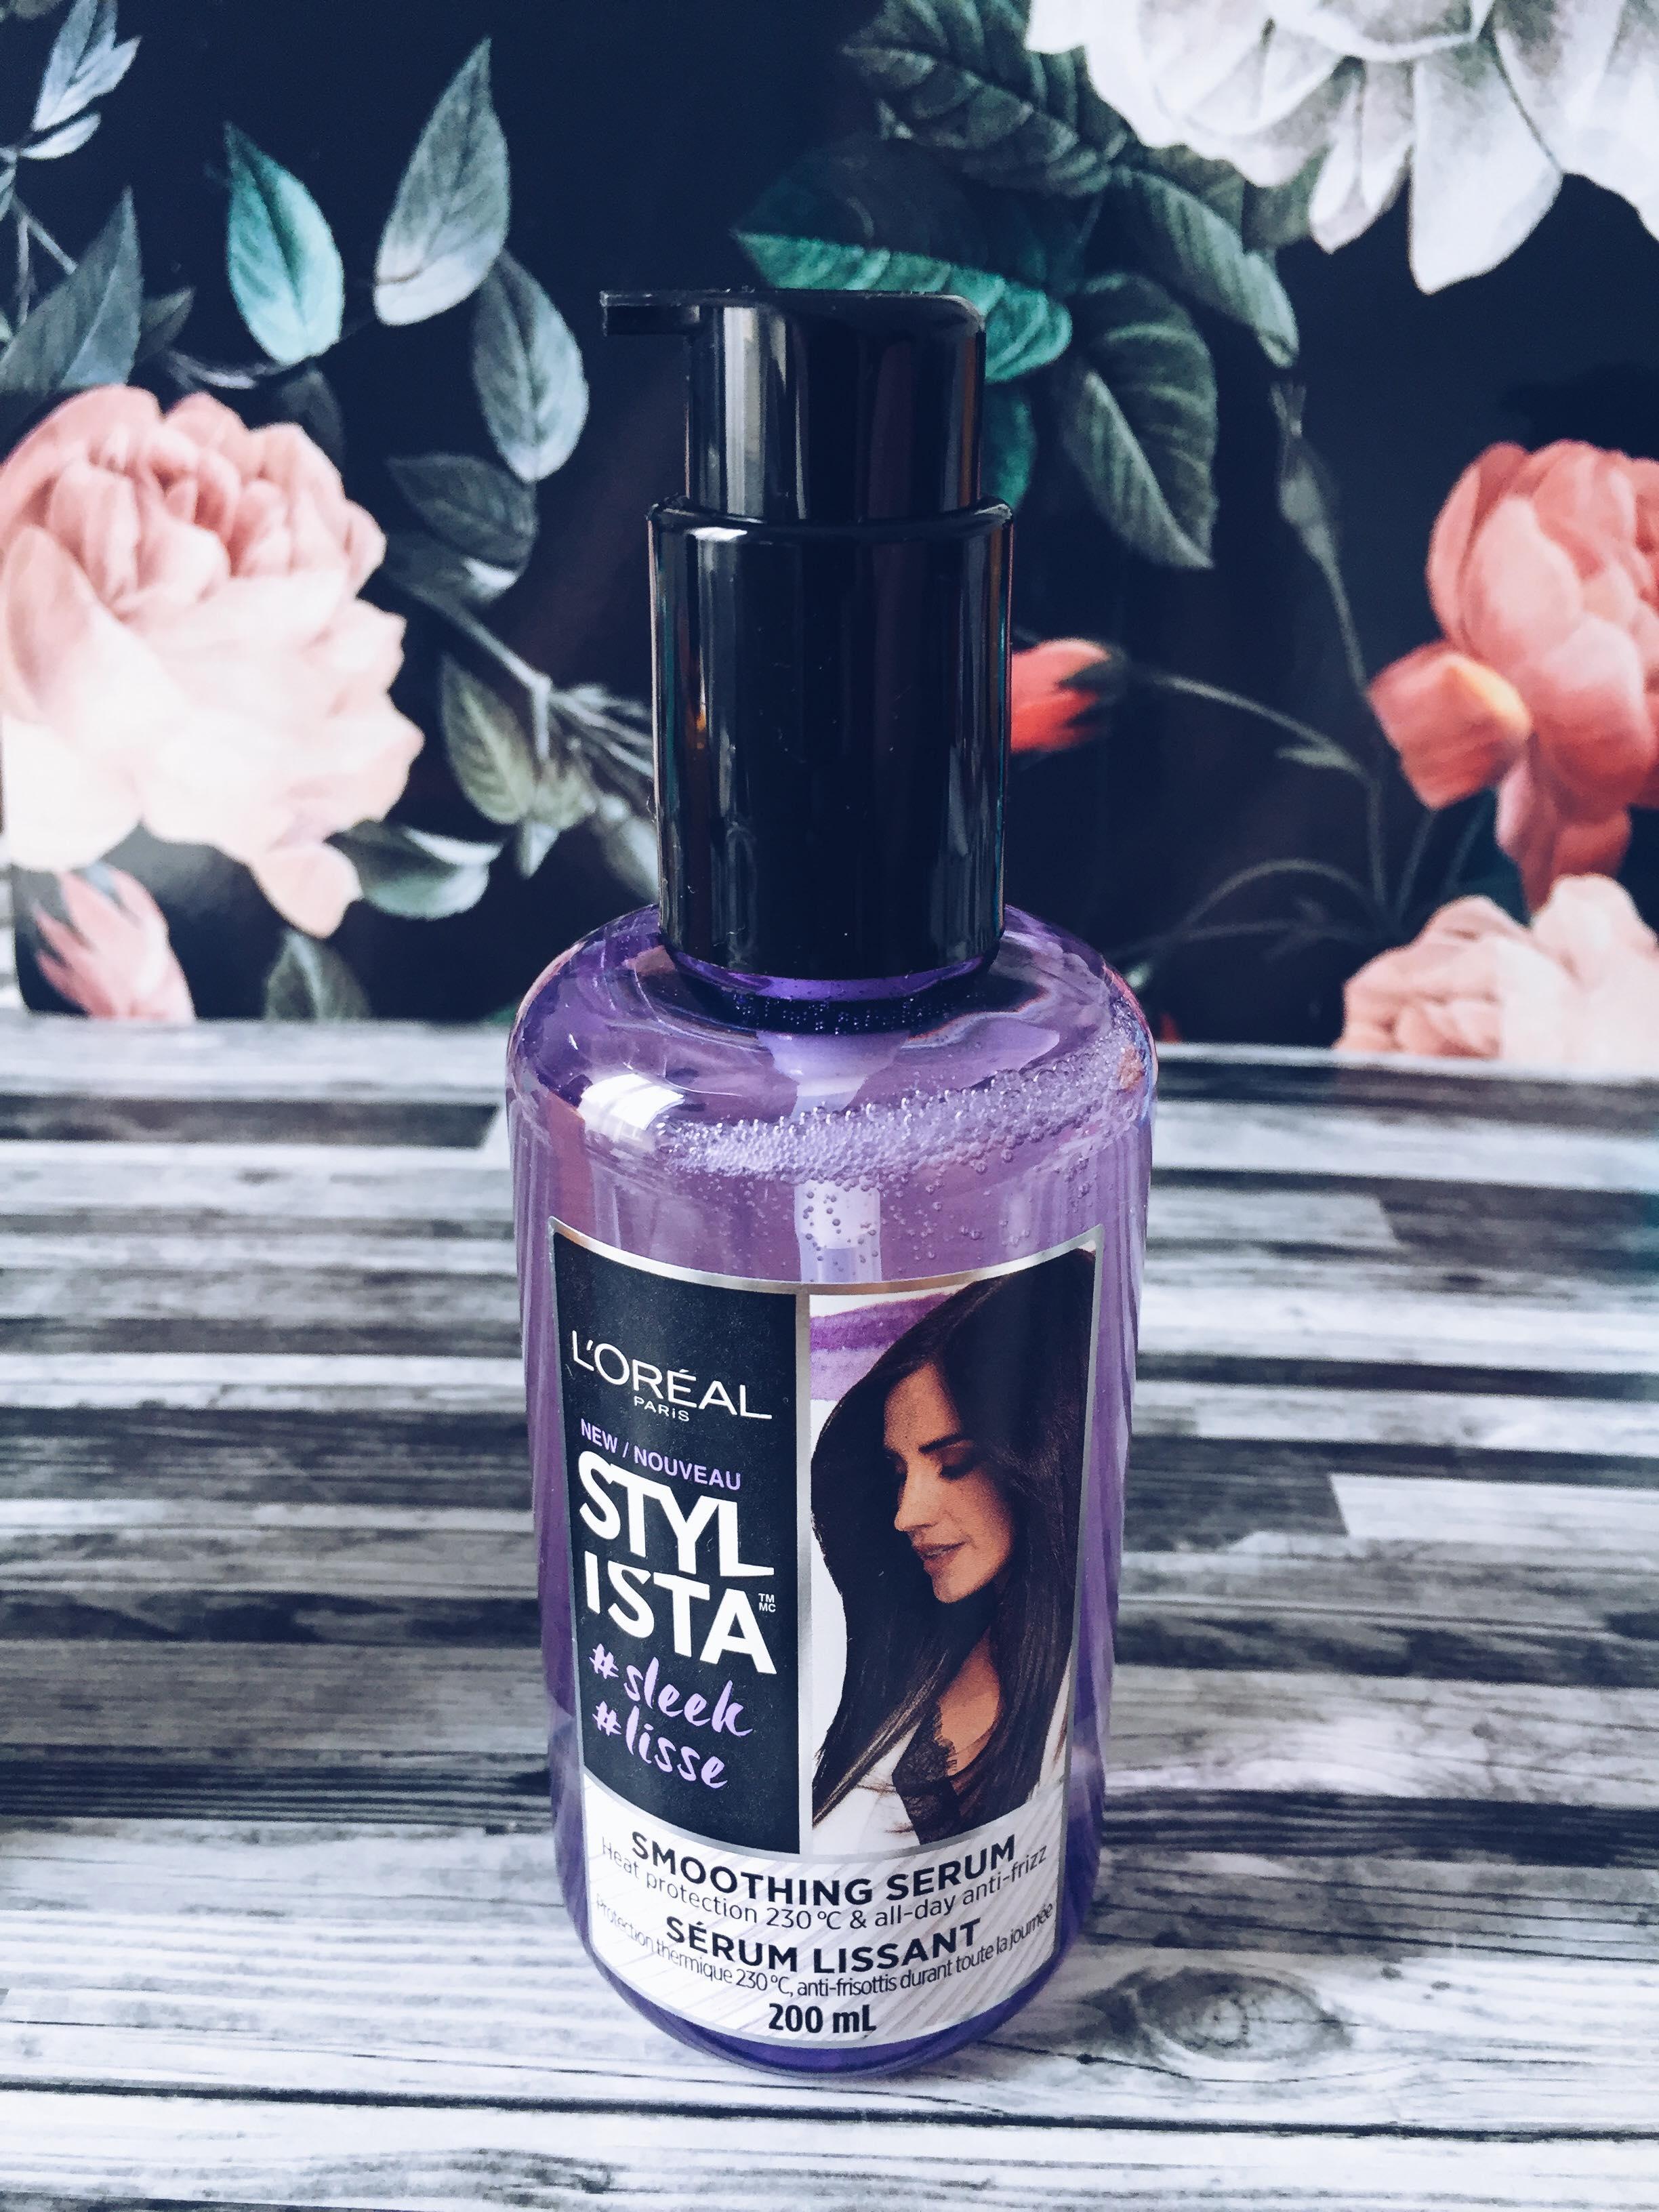 Présentation de la gamme Stylista par L'Oréal en collaboration avec Jean Coutu.